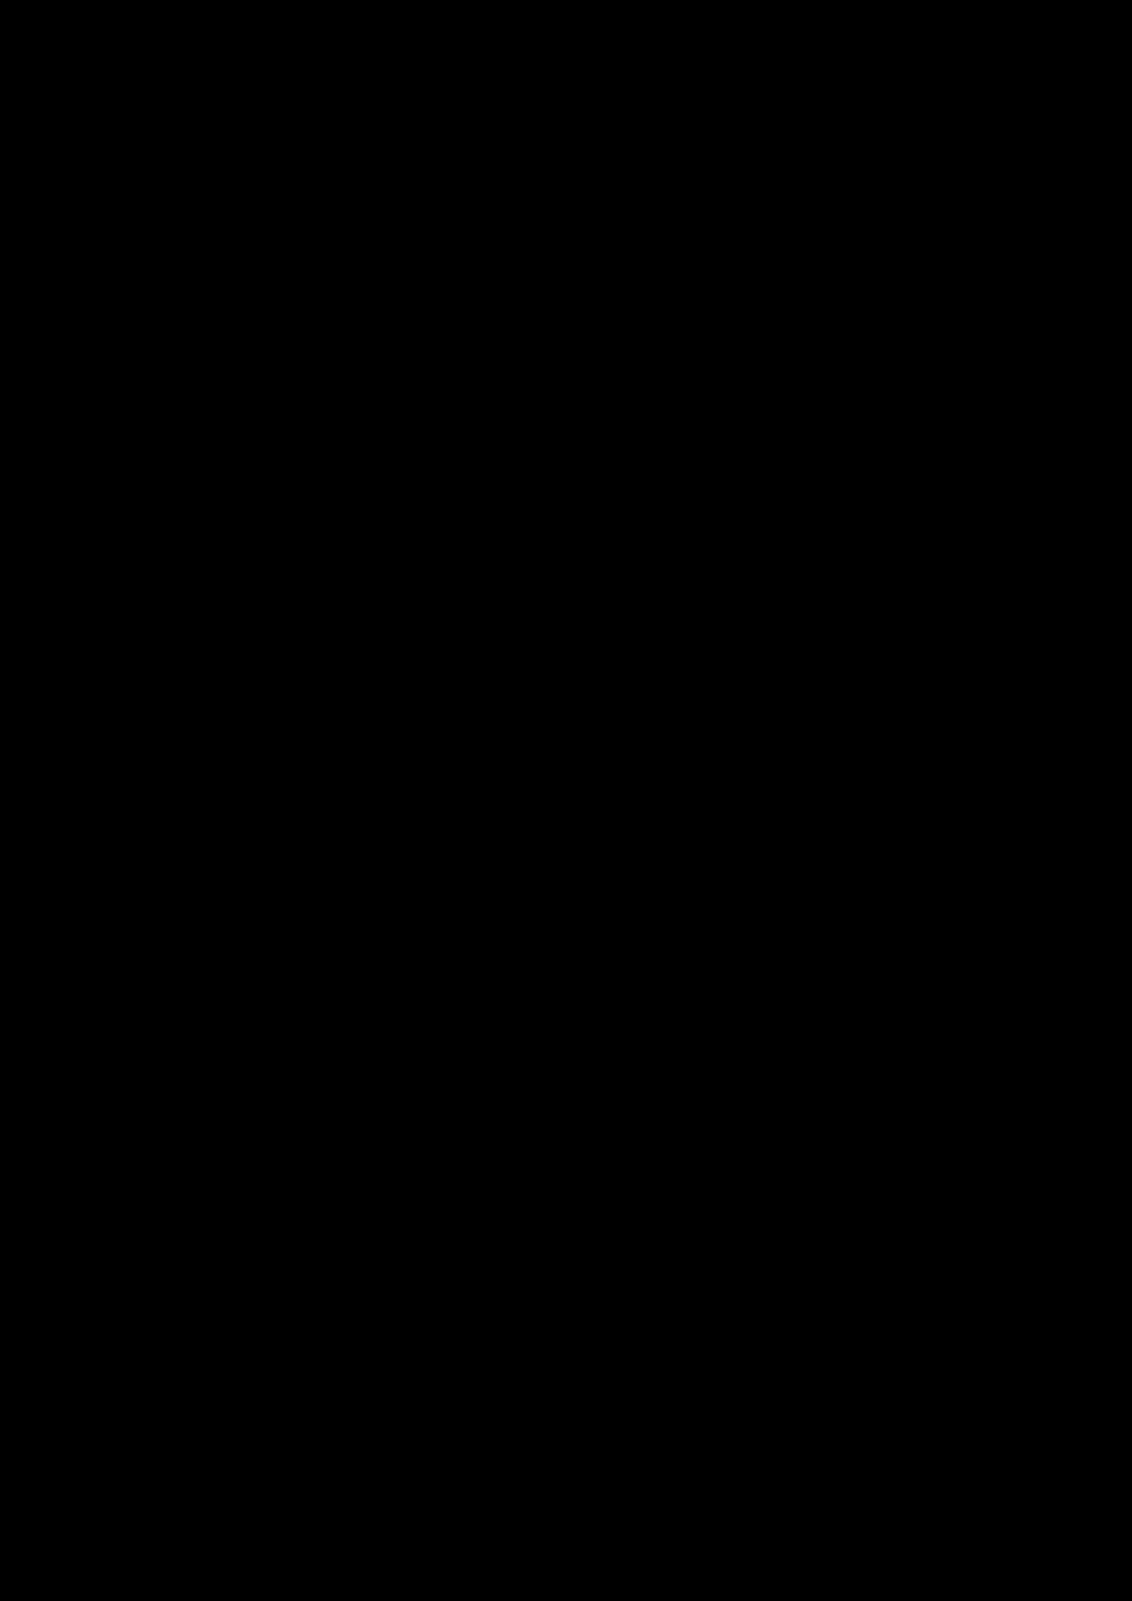 Zagadka volshebnoy stranyi slide, Image 22